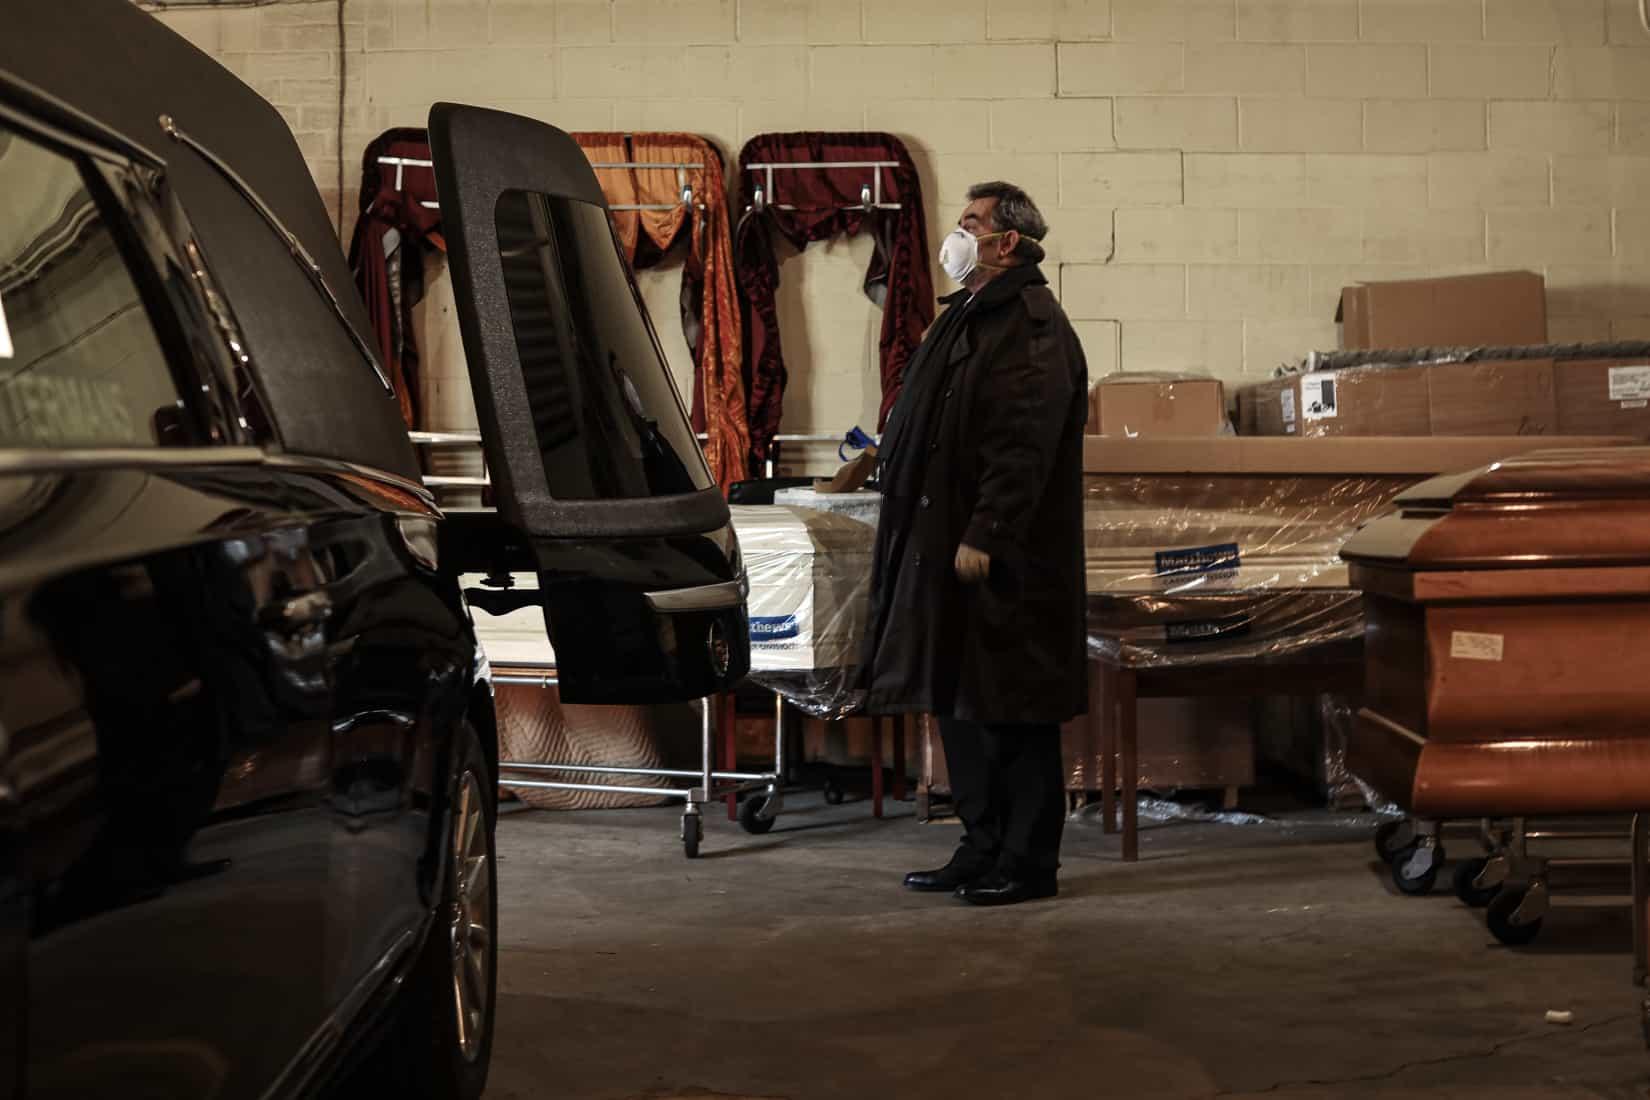 סיבוב נוסף של מתים מובל לאזור ההעמסה בבית הלוויות, לפני שהארון מוכנס לרכב הקבורה. וודברי, ניו יורק. מאי, 2020 (צילום: Jonathan Alpeyrie/Polaris Images)